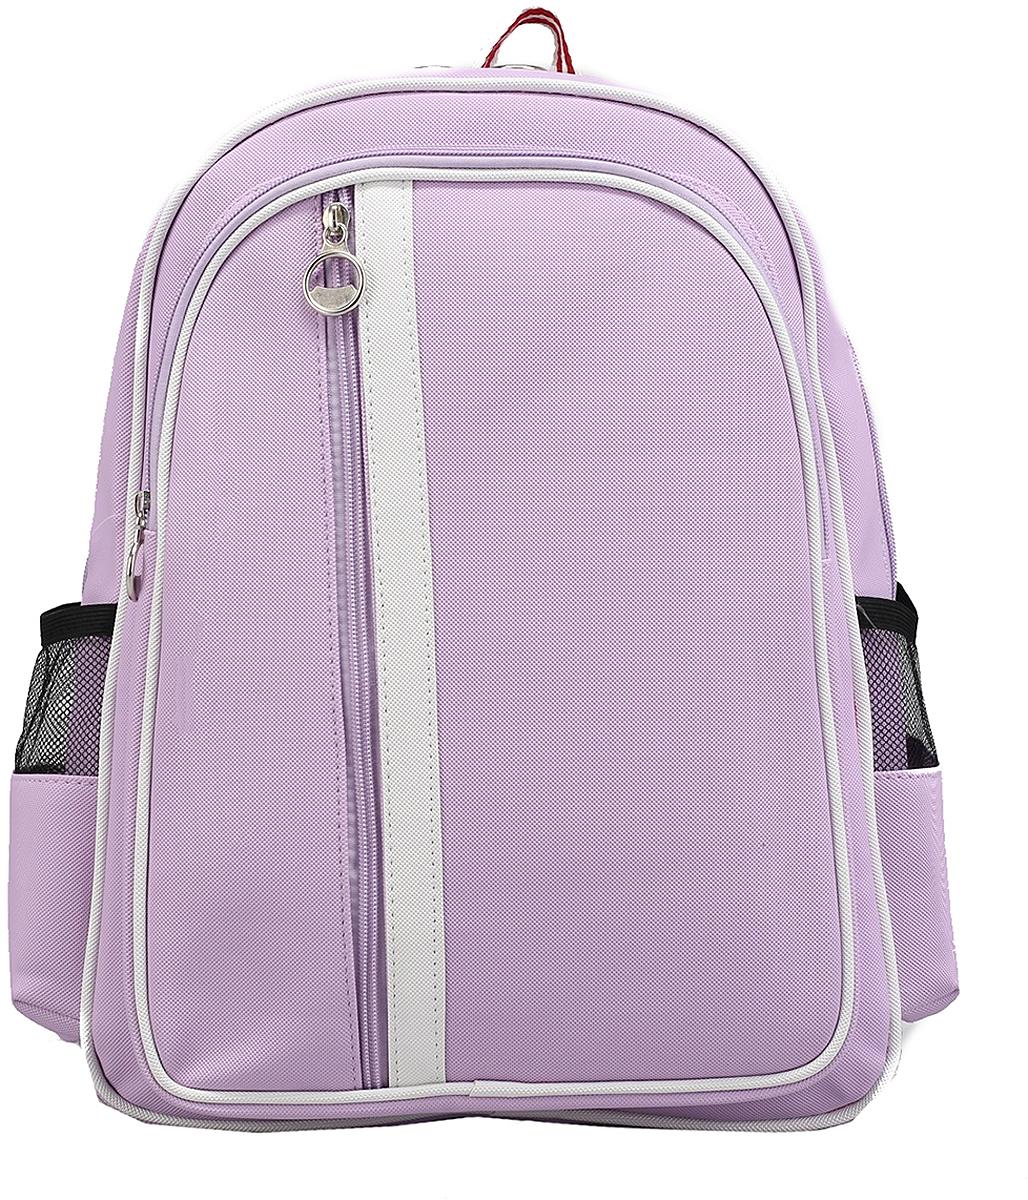 Рюкзак детский Прованс цвет сиреневый 2798284 tiger enterprise рюкзак детский fantasy цвет сиреневый